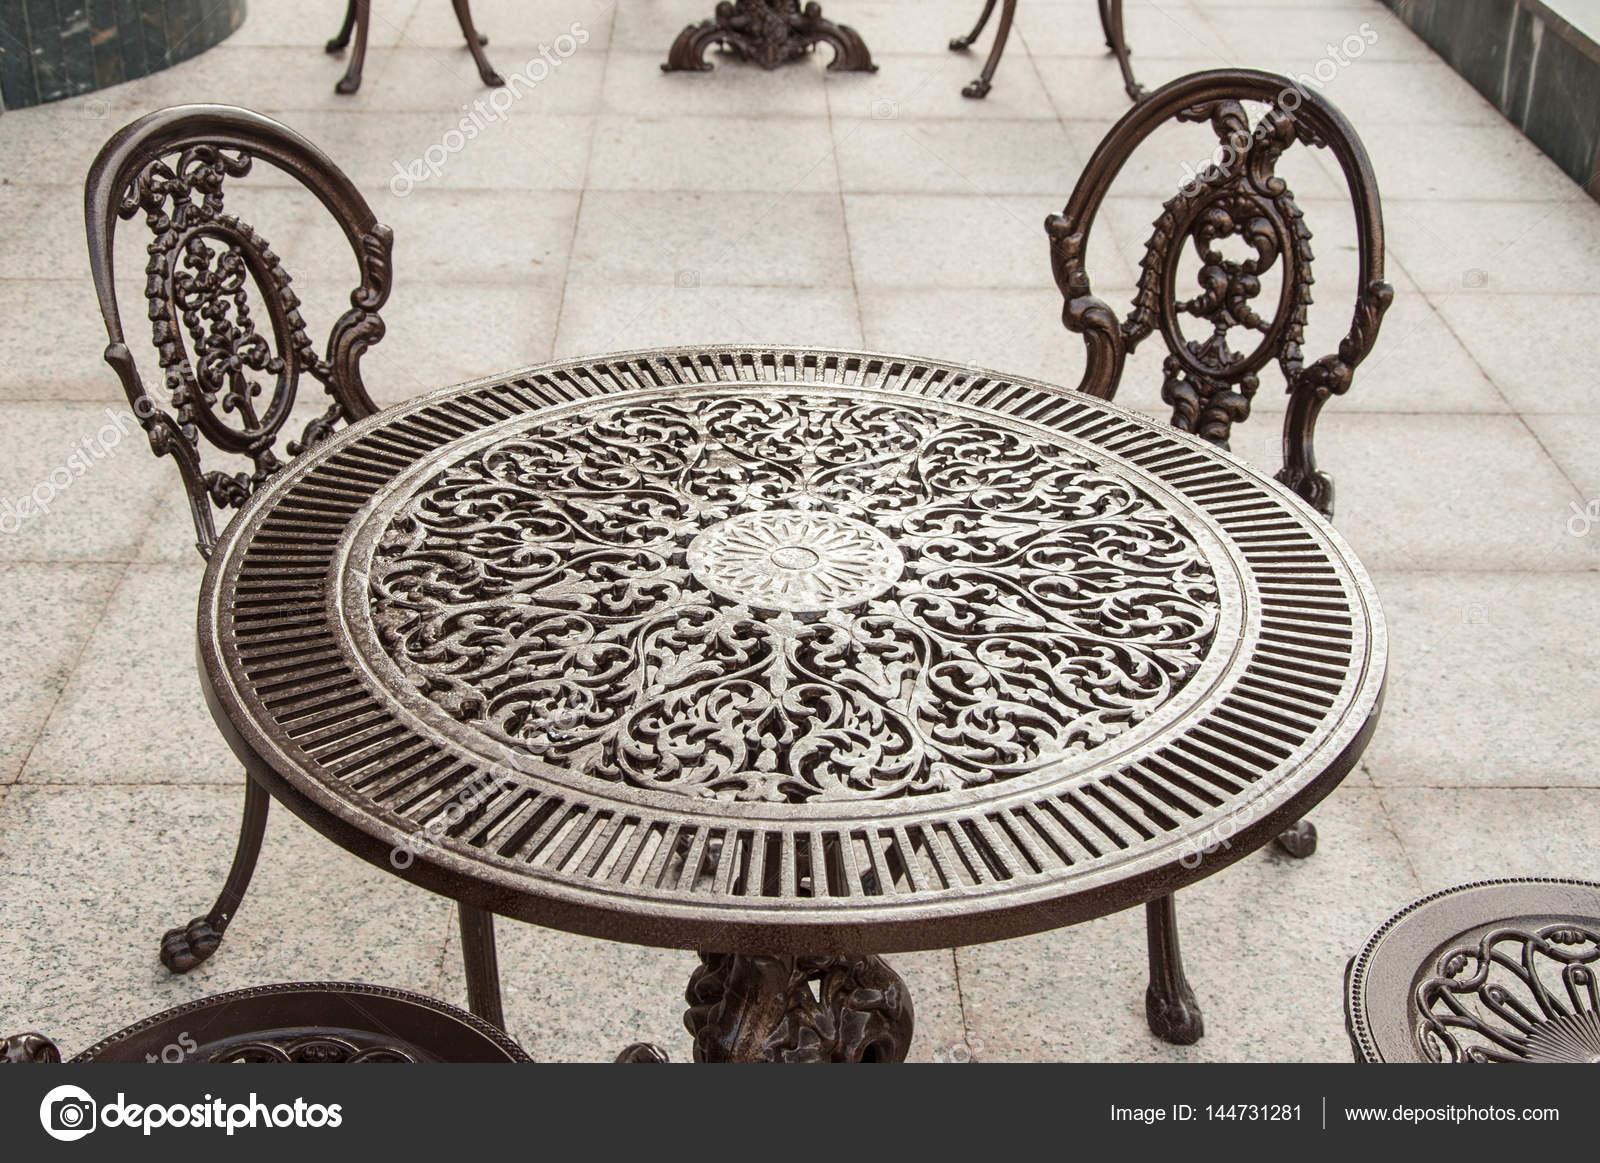 Tavoli Da Giardino In Ghisa.Sedie E Tavolo Da Giardino In Ghisa Foto Stock C Katkov 144731281